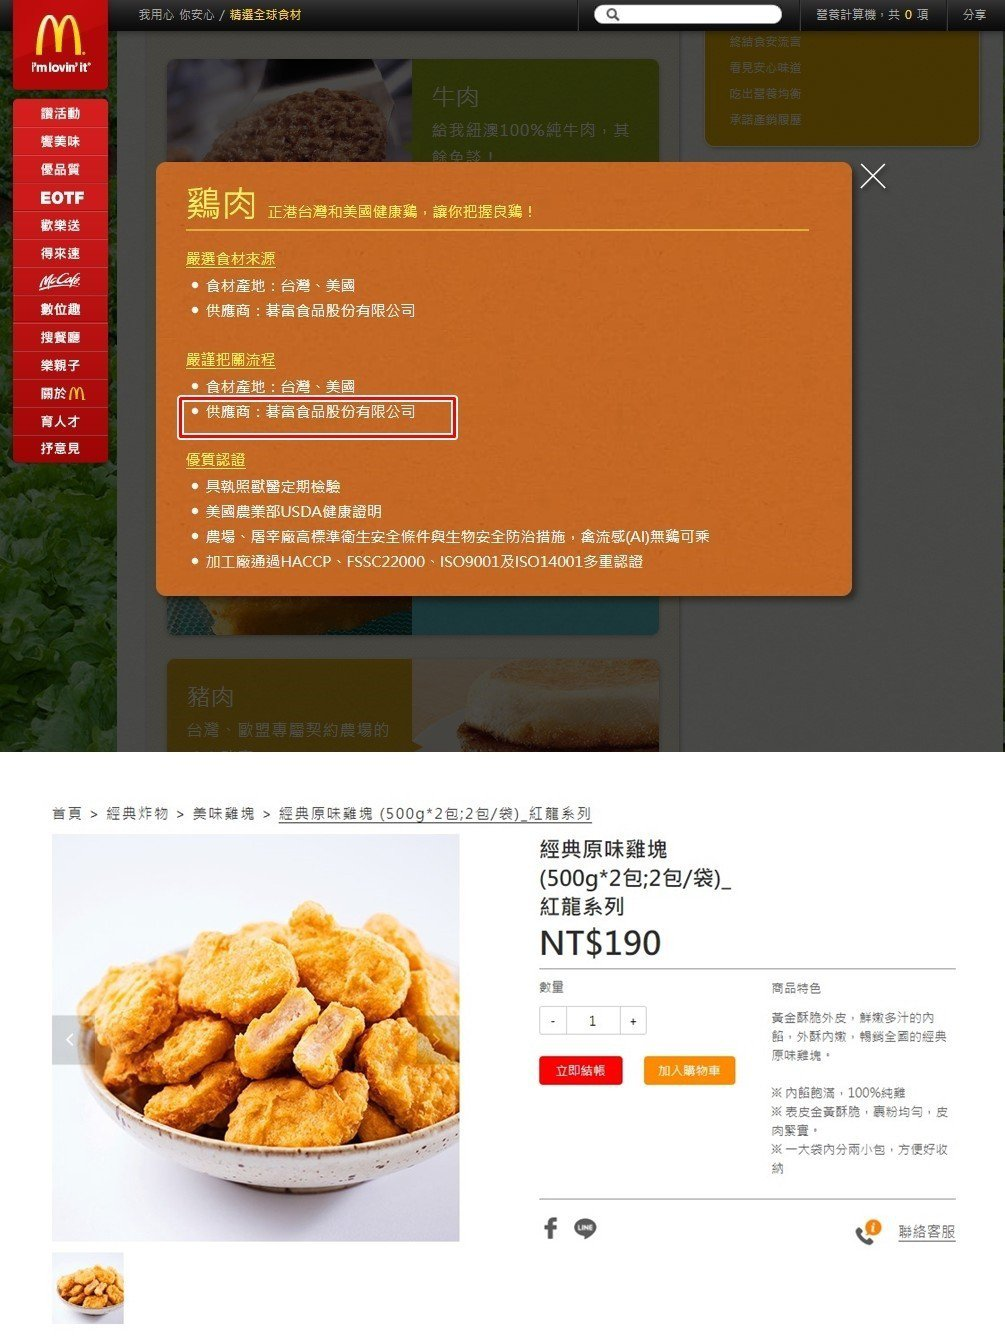 圖片來源/ 麥當勞官方網站、 碁富食品股份有限公司官方網站